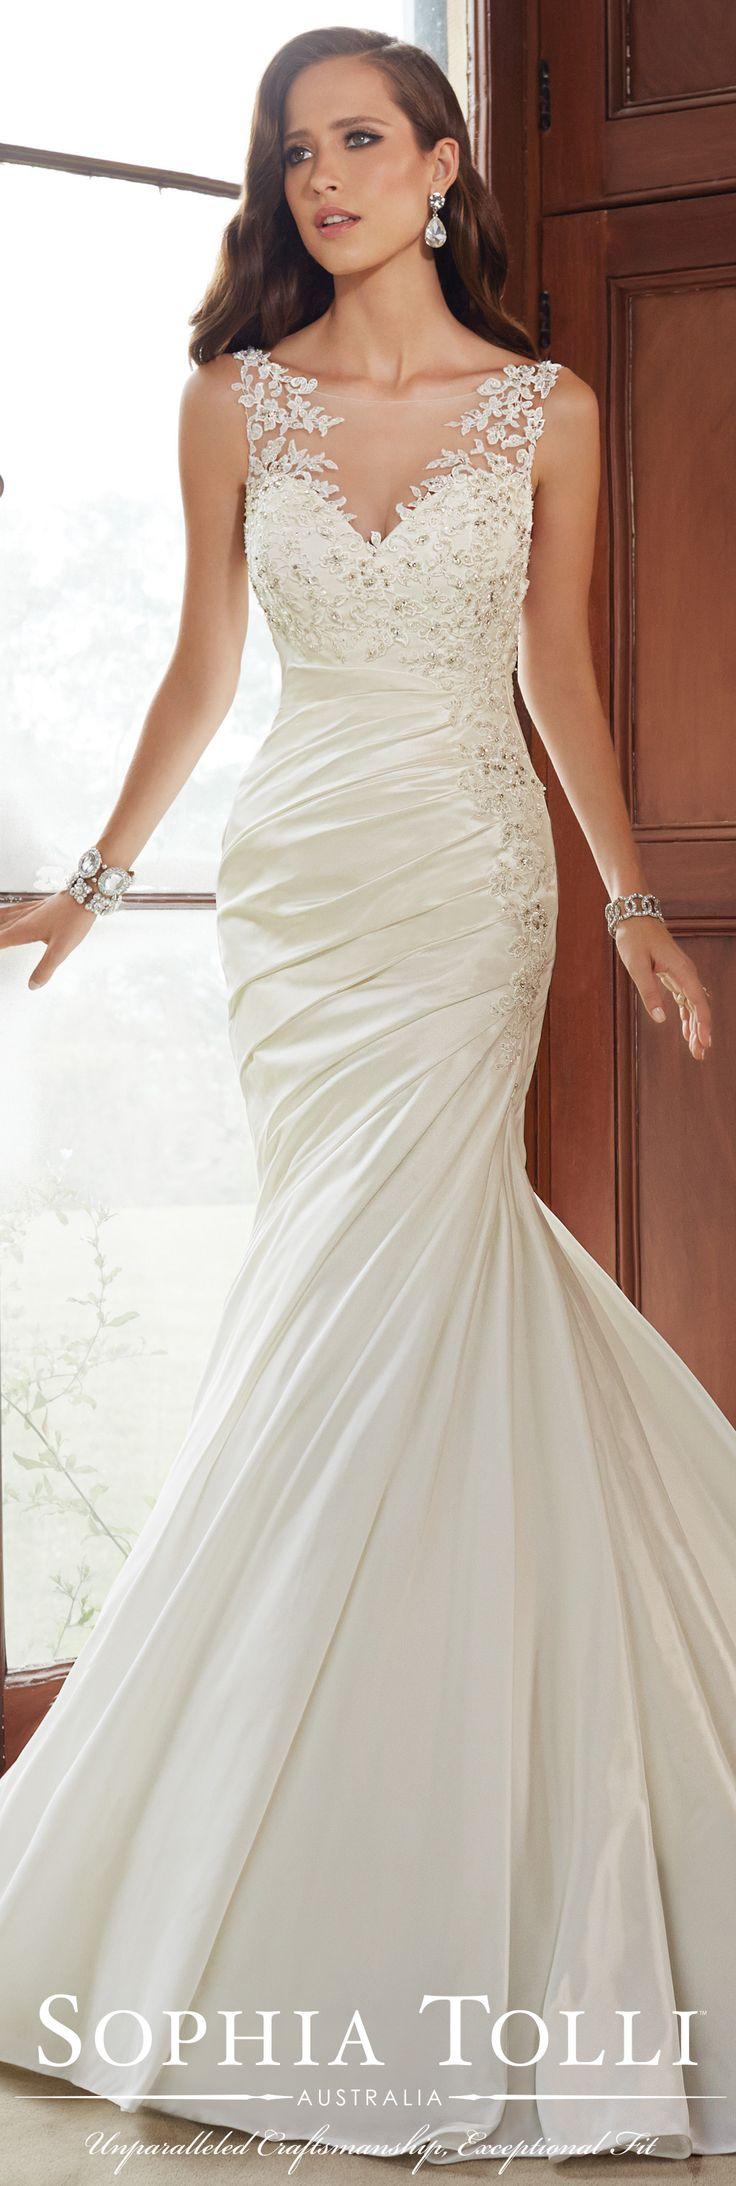 The Sophia Tolli Fall 2015 Wedding Dress Collection - Style No. Y21519 sophiatolli.com #tafettaweddingdress